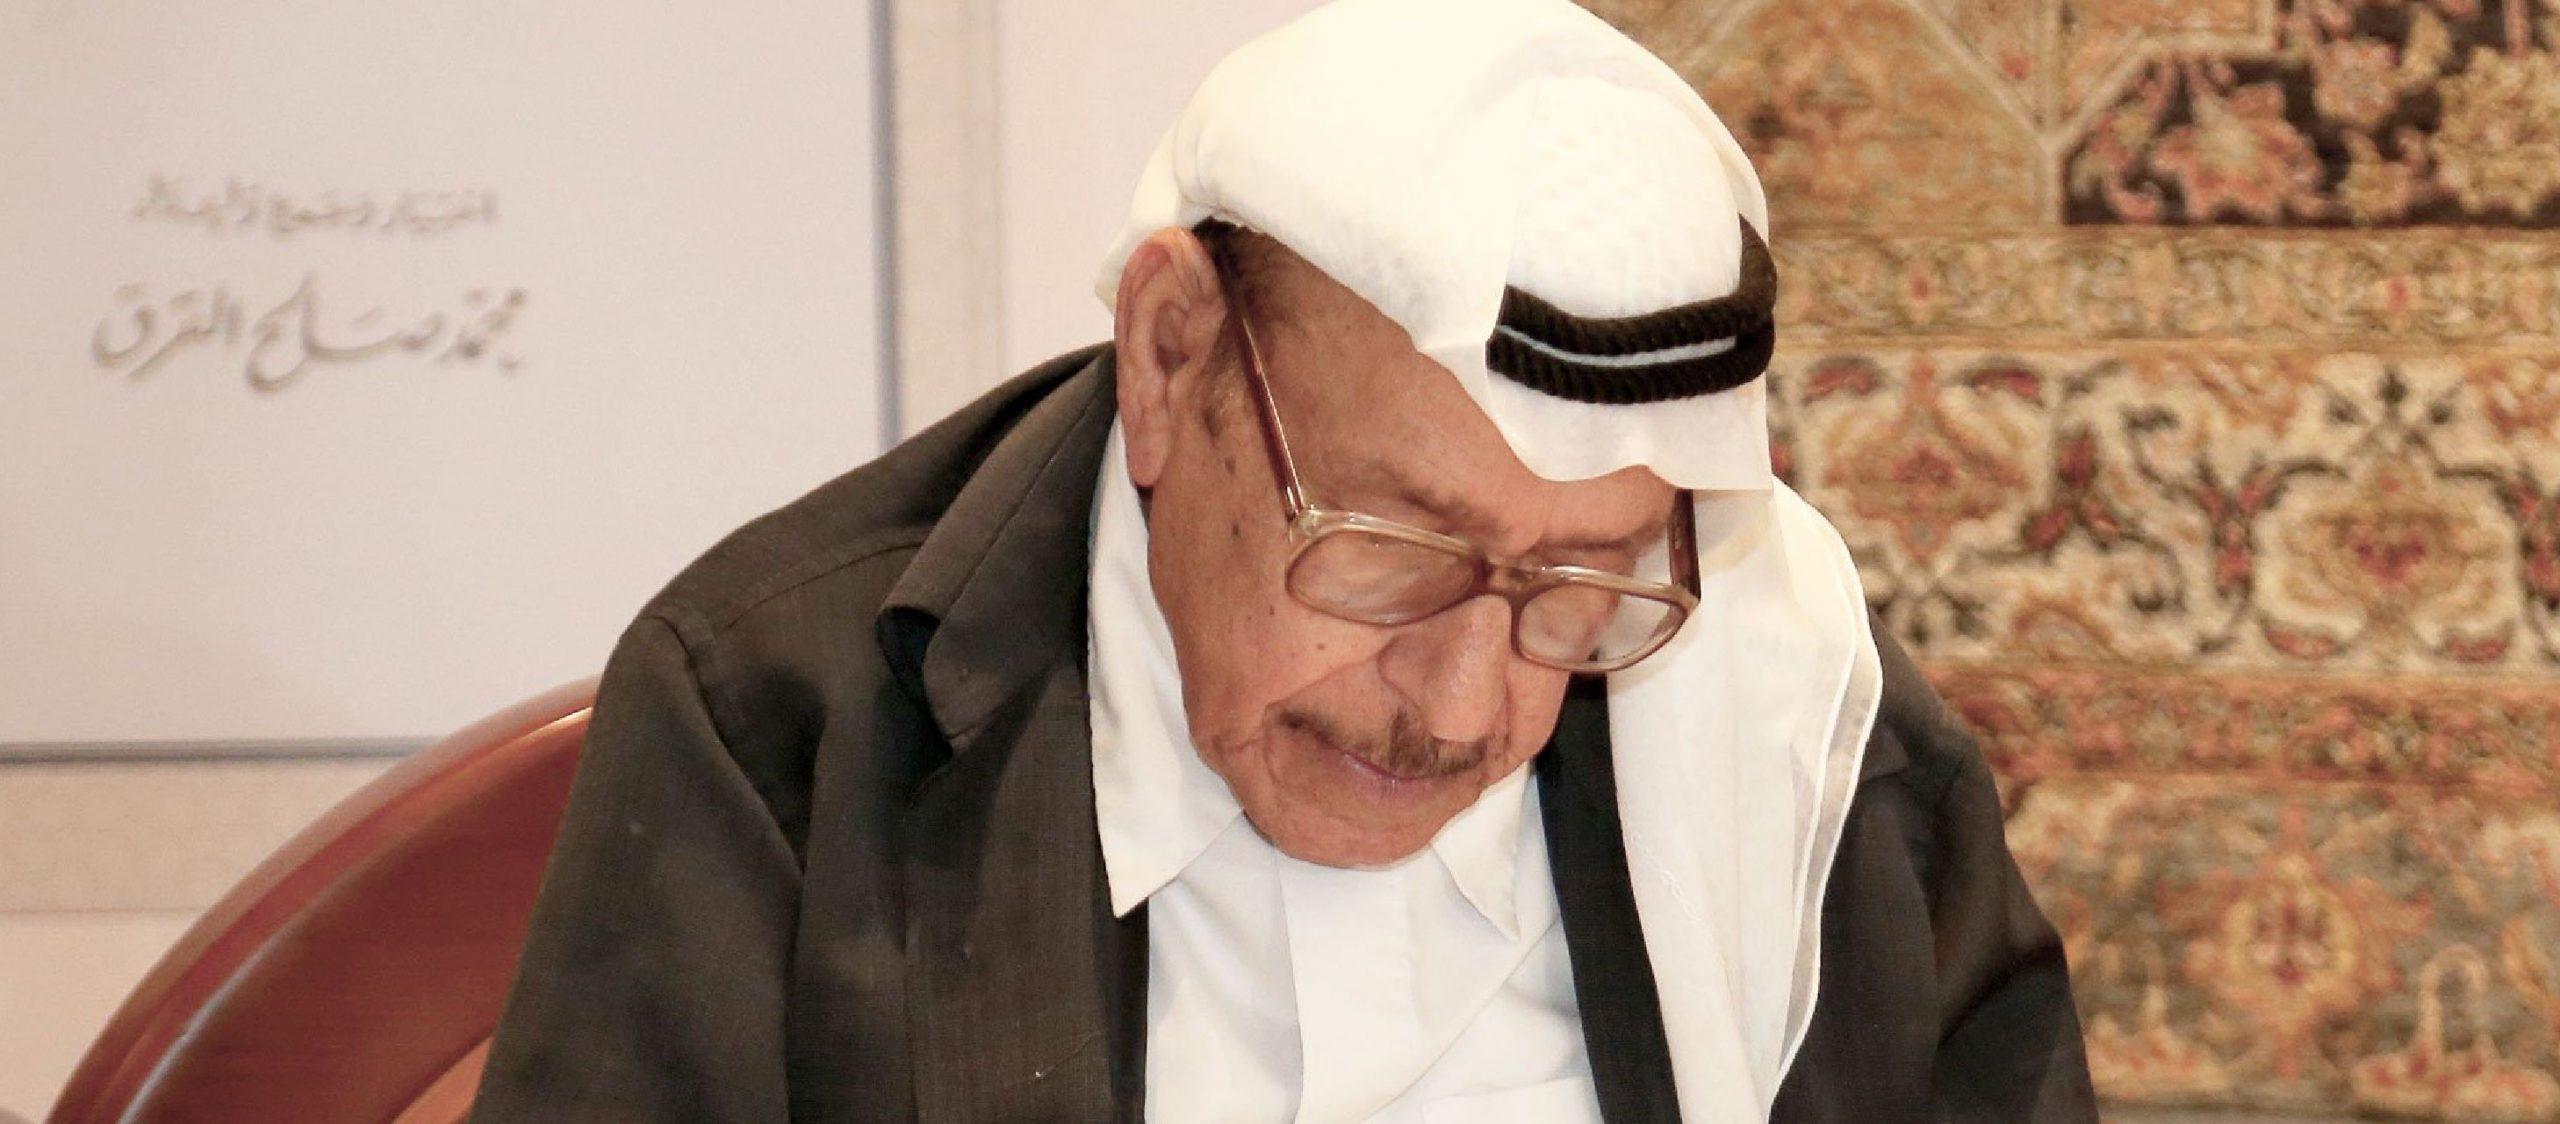 رحيل الأديب الإماراتي محمد صالح القرق